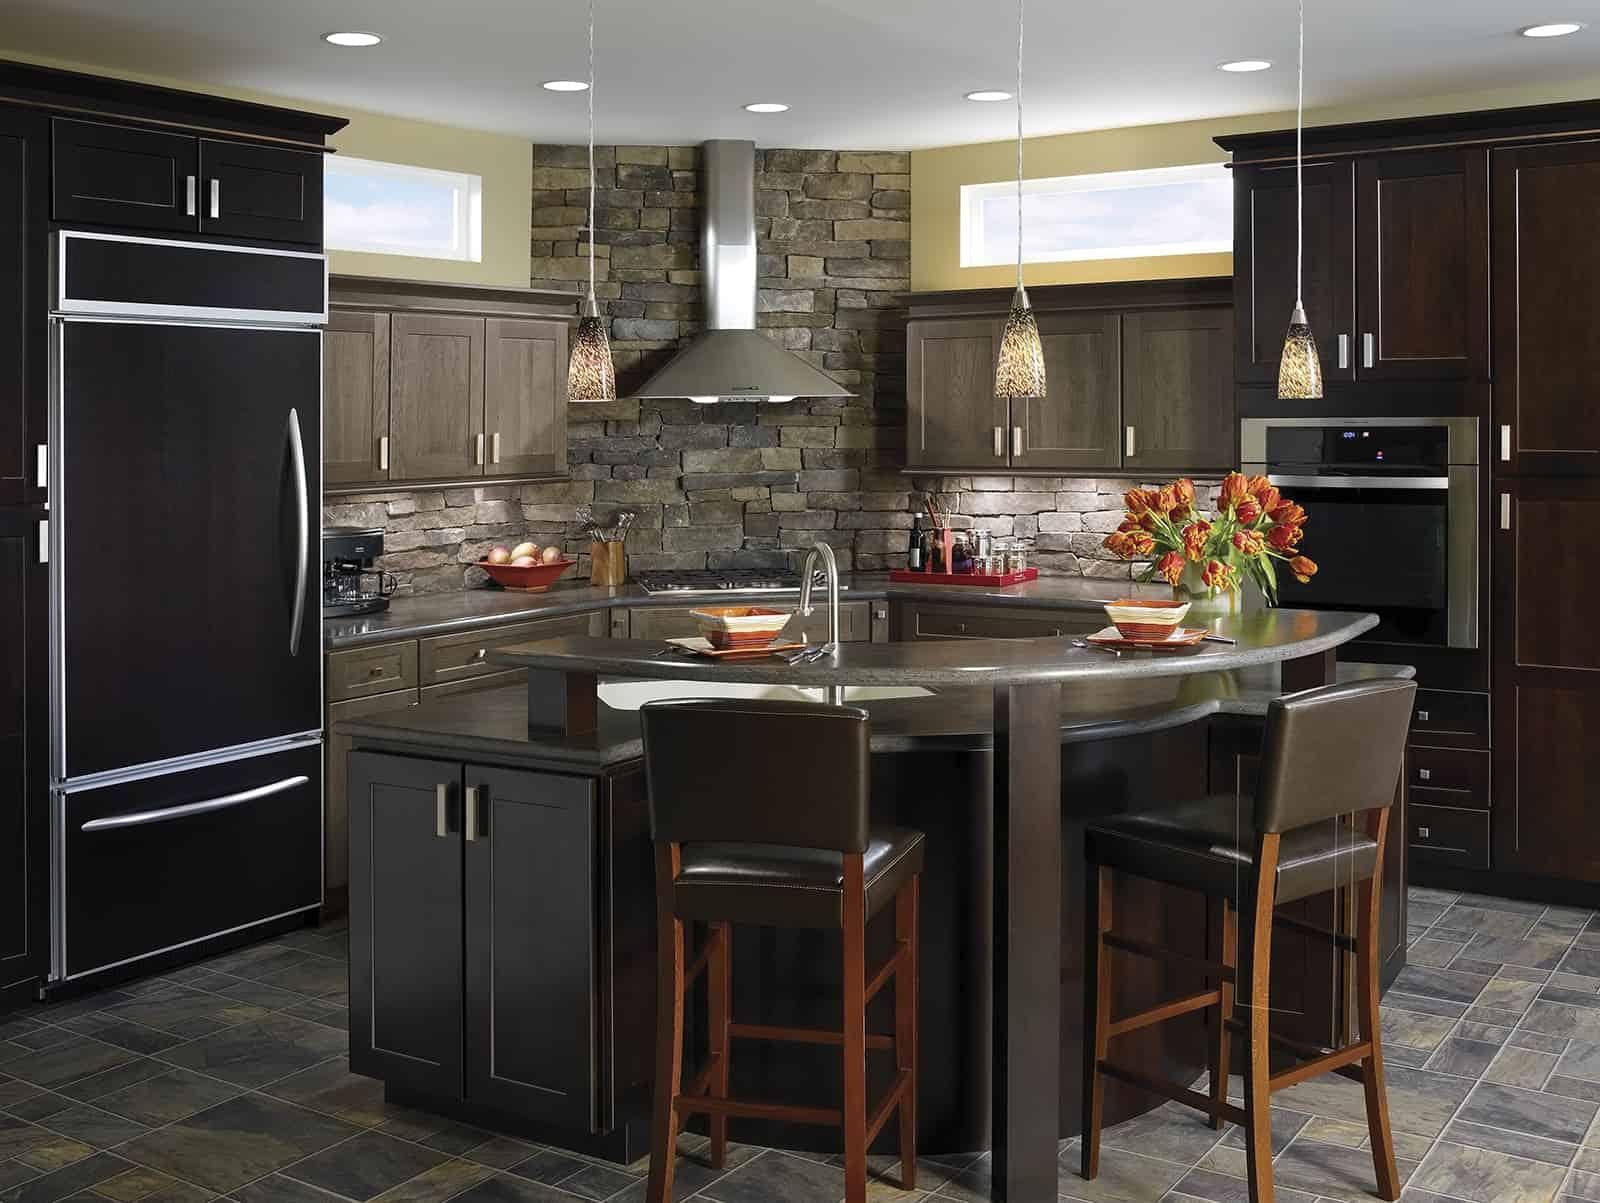 Ardmore_StormEspresso_kitchen